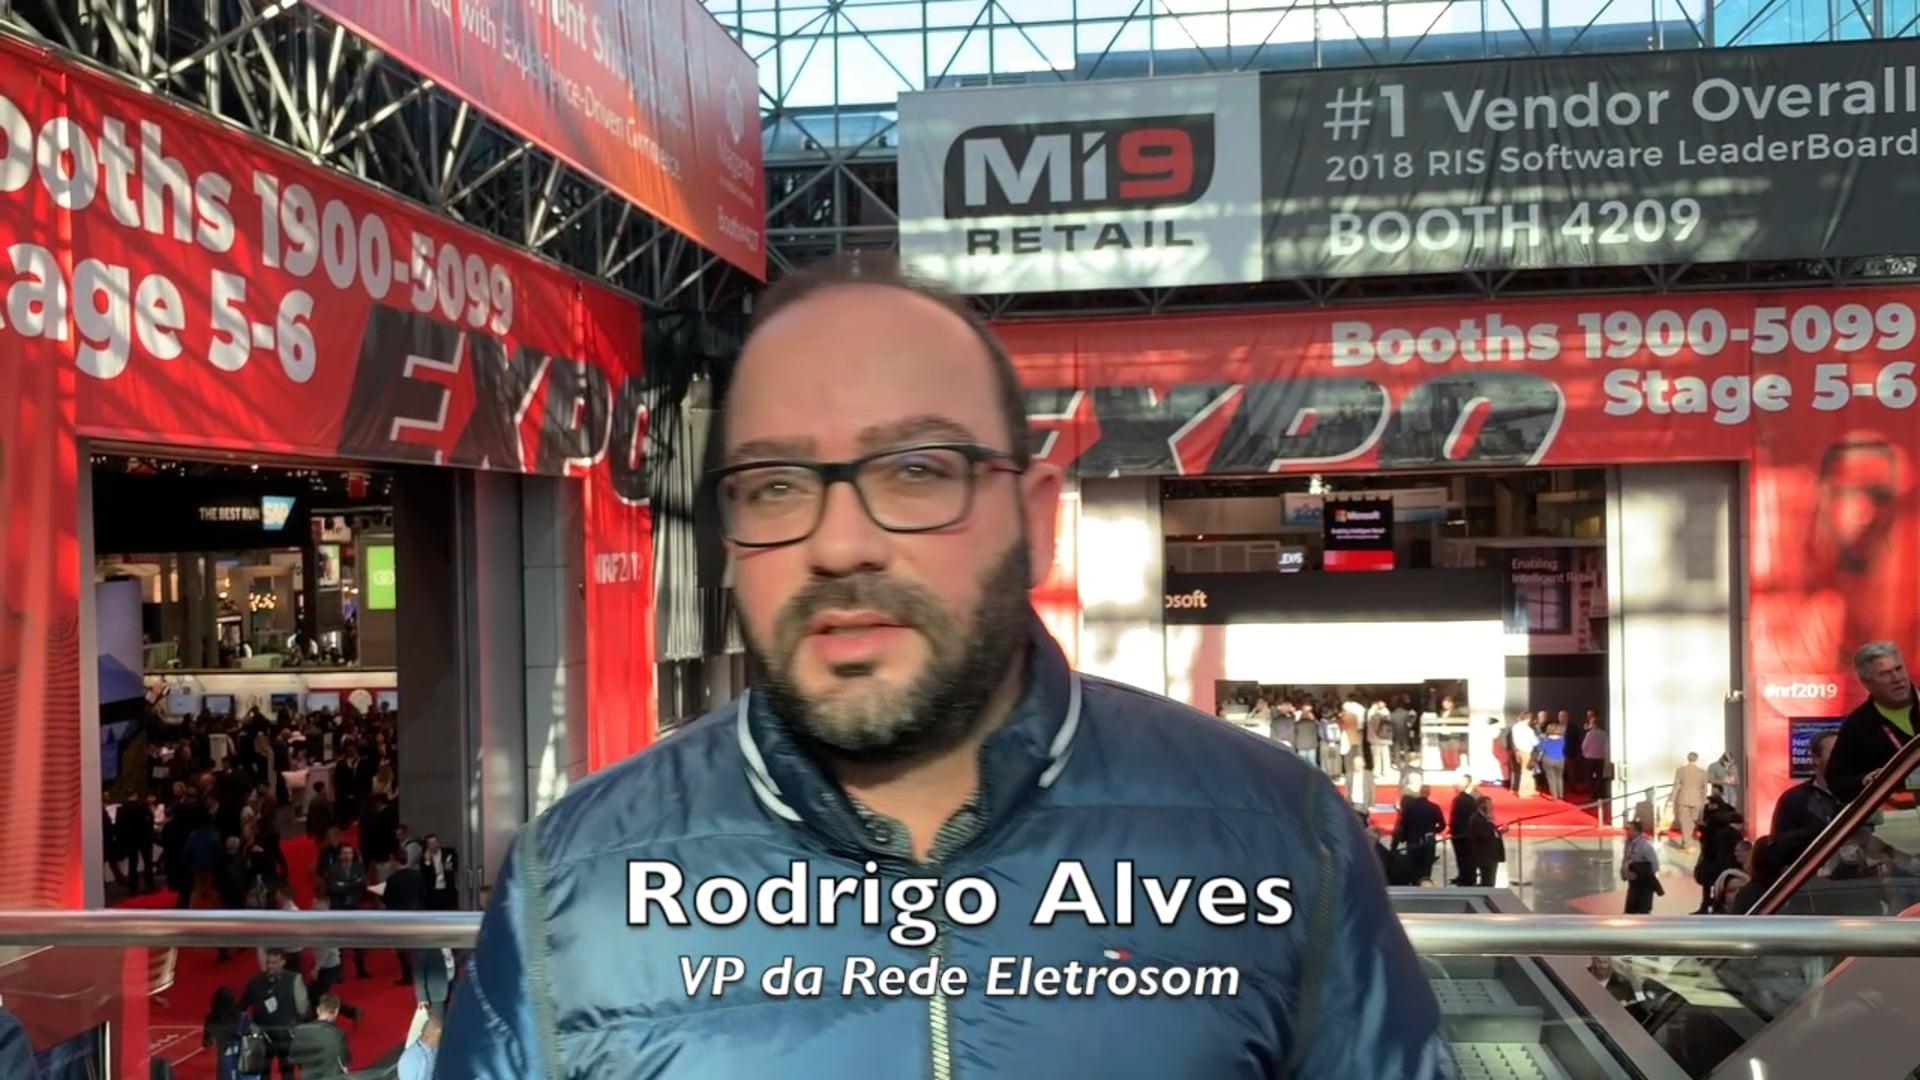 Depoimento de Rodrigo Alves VP da Rede Eletrosom - NRF 2019 com Roccato